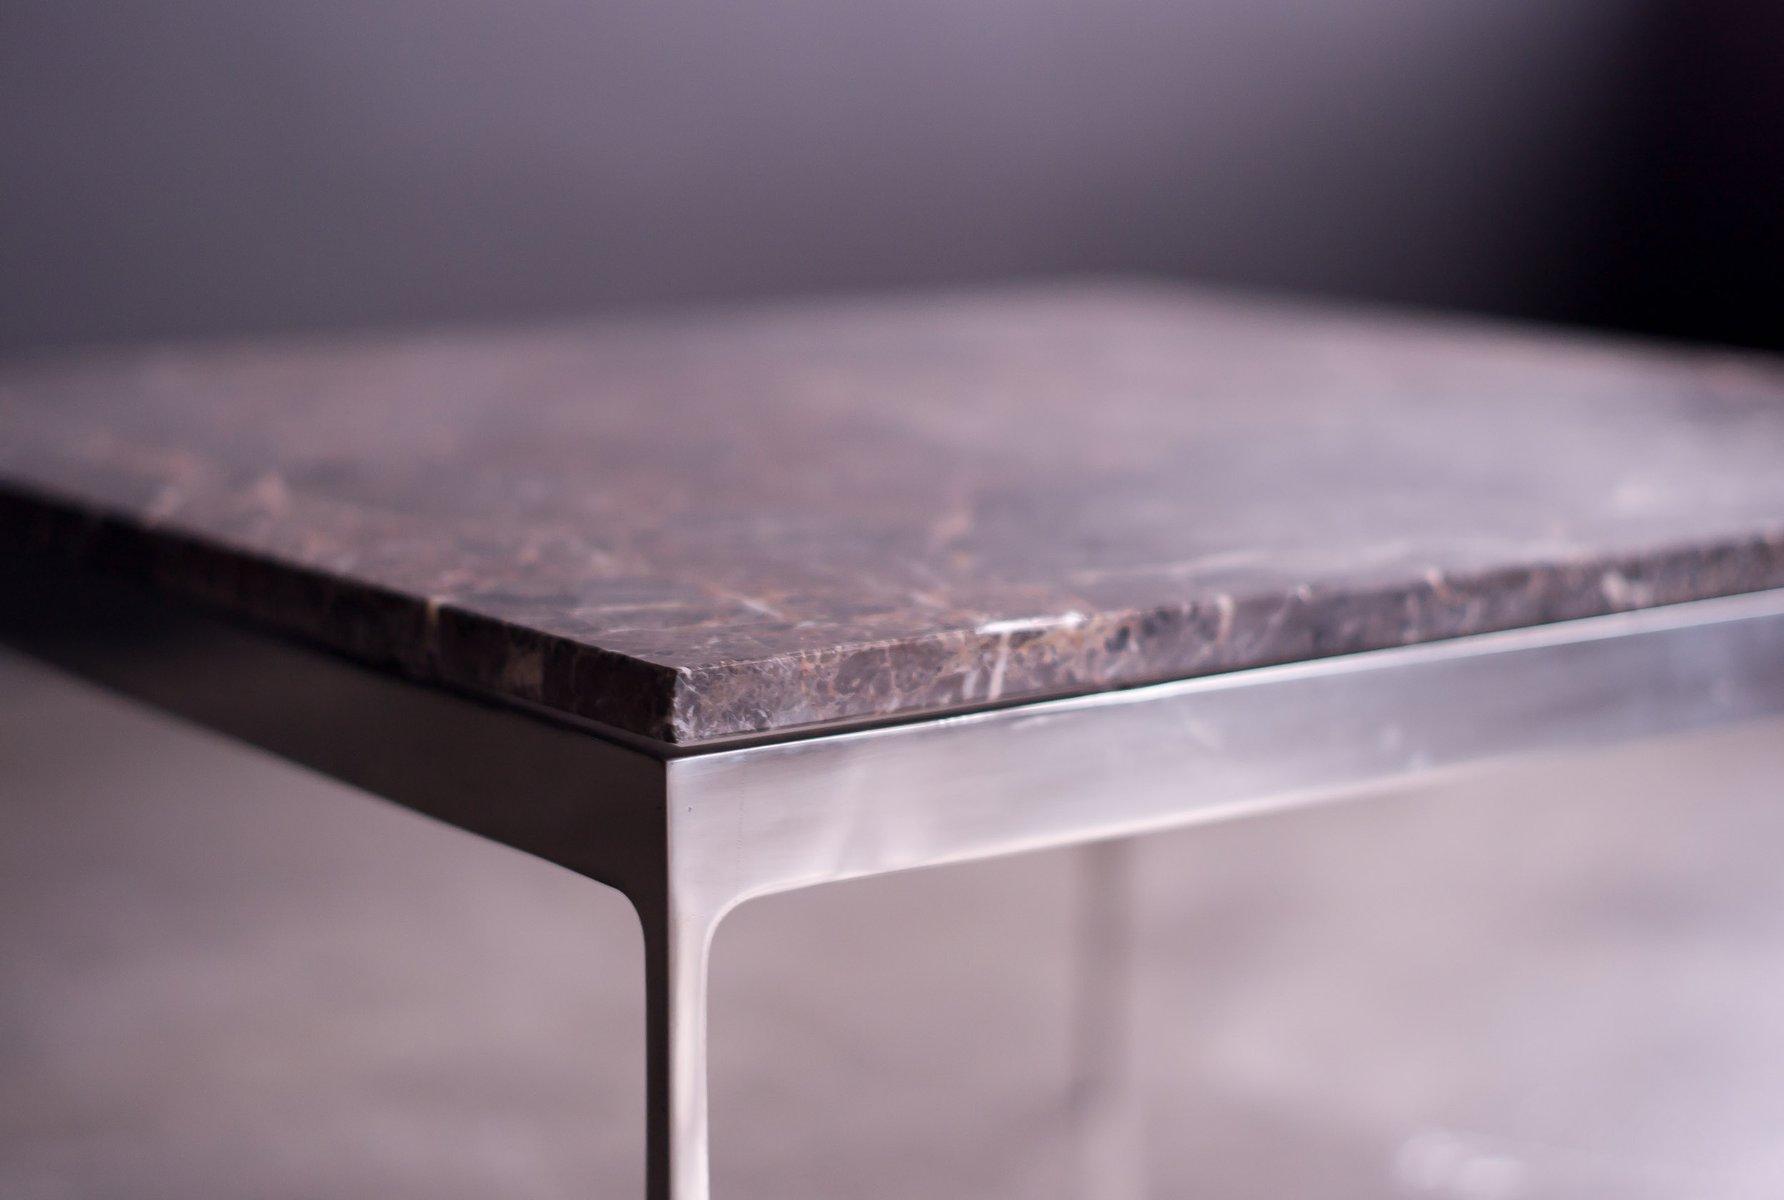 couchtisch mit steinplatte von nicos zographos 1972 bei pamono kaufen. Black Bedroom Furniture Sets. Home Design Ideas